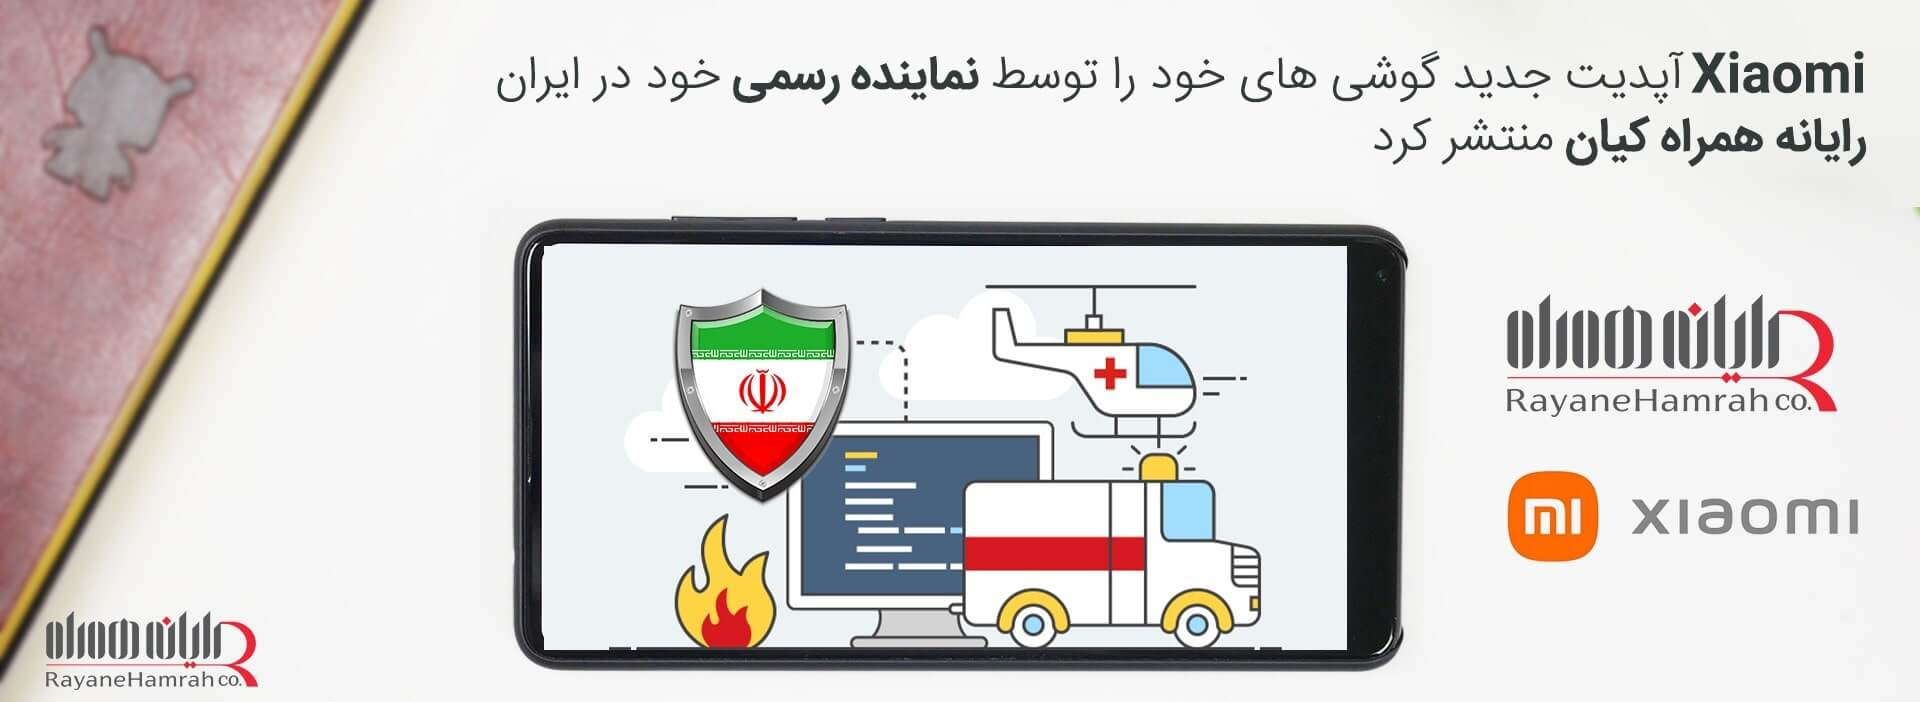 شيائومي آپديت جديد گوشي هاي خود را توسط نماينده رسمي خود در ايران رايانه همراه کيان منتشر کرد